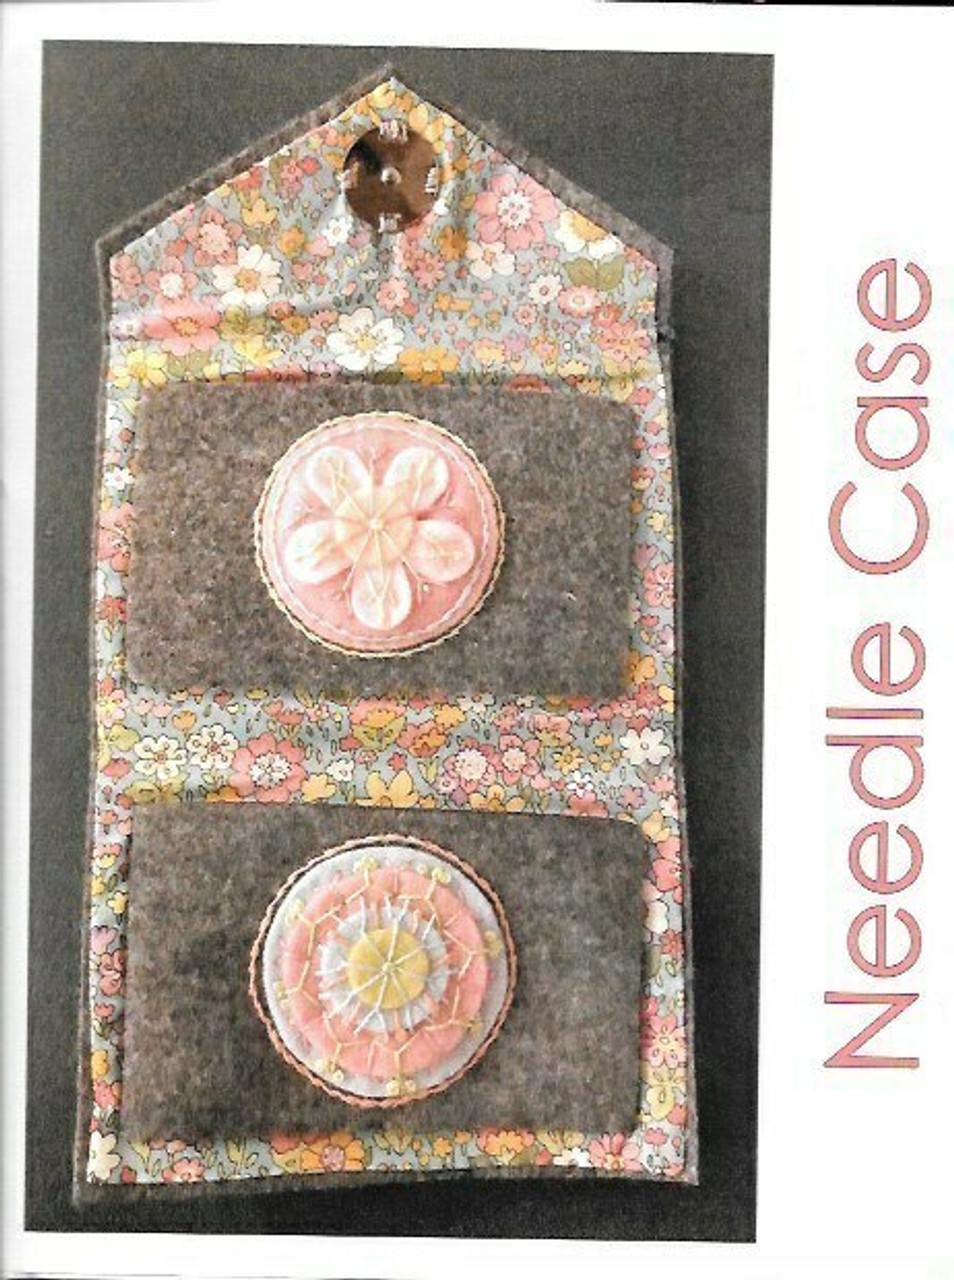 Needlecase